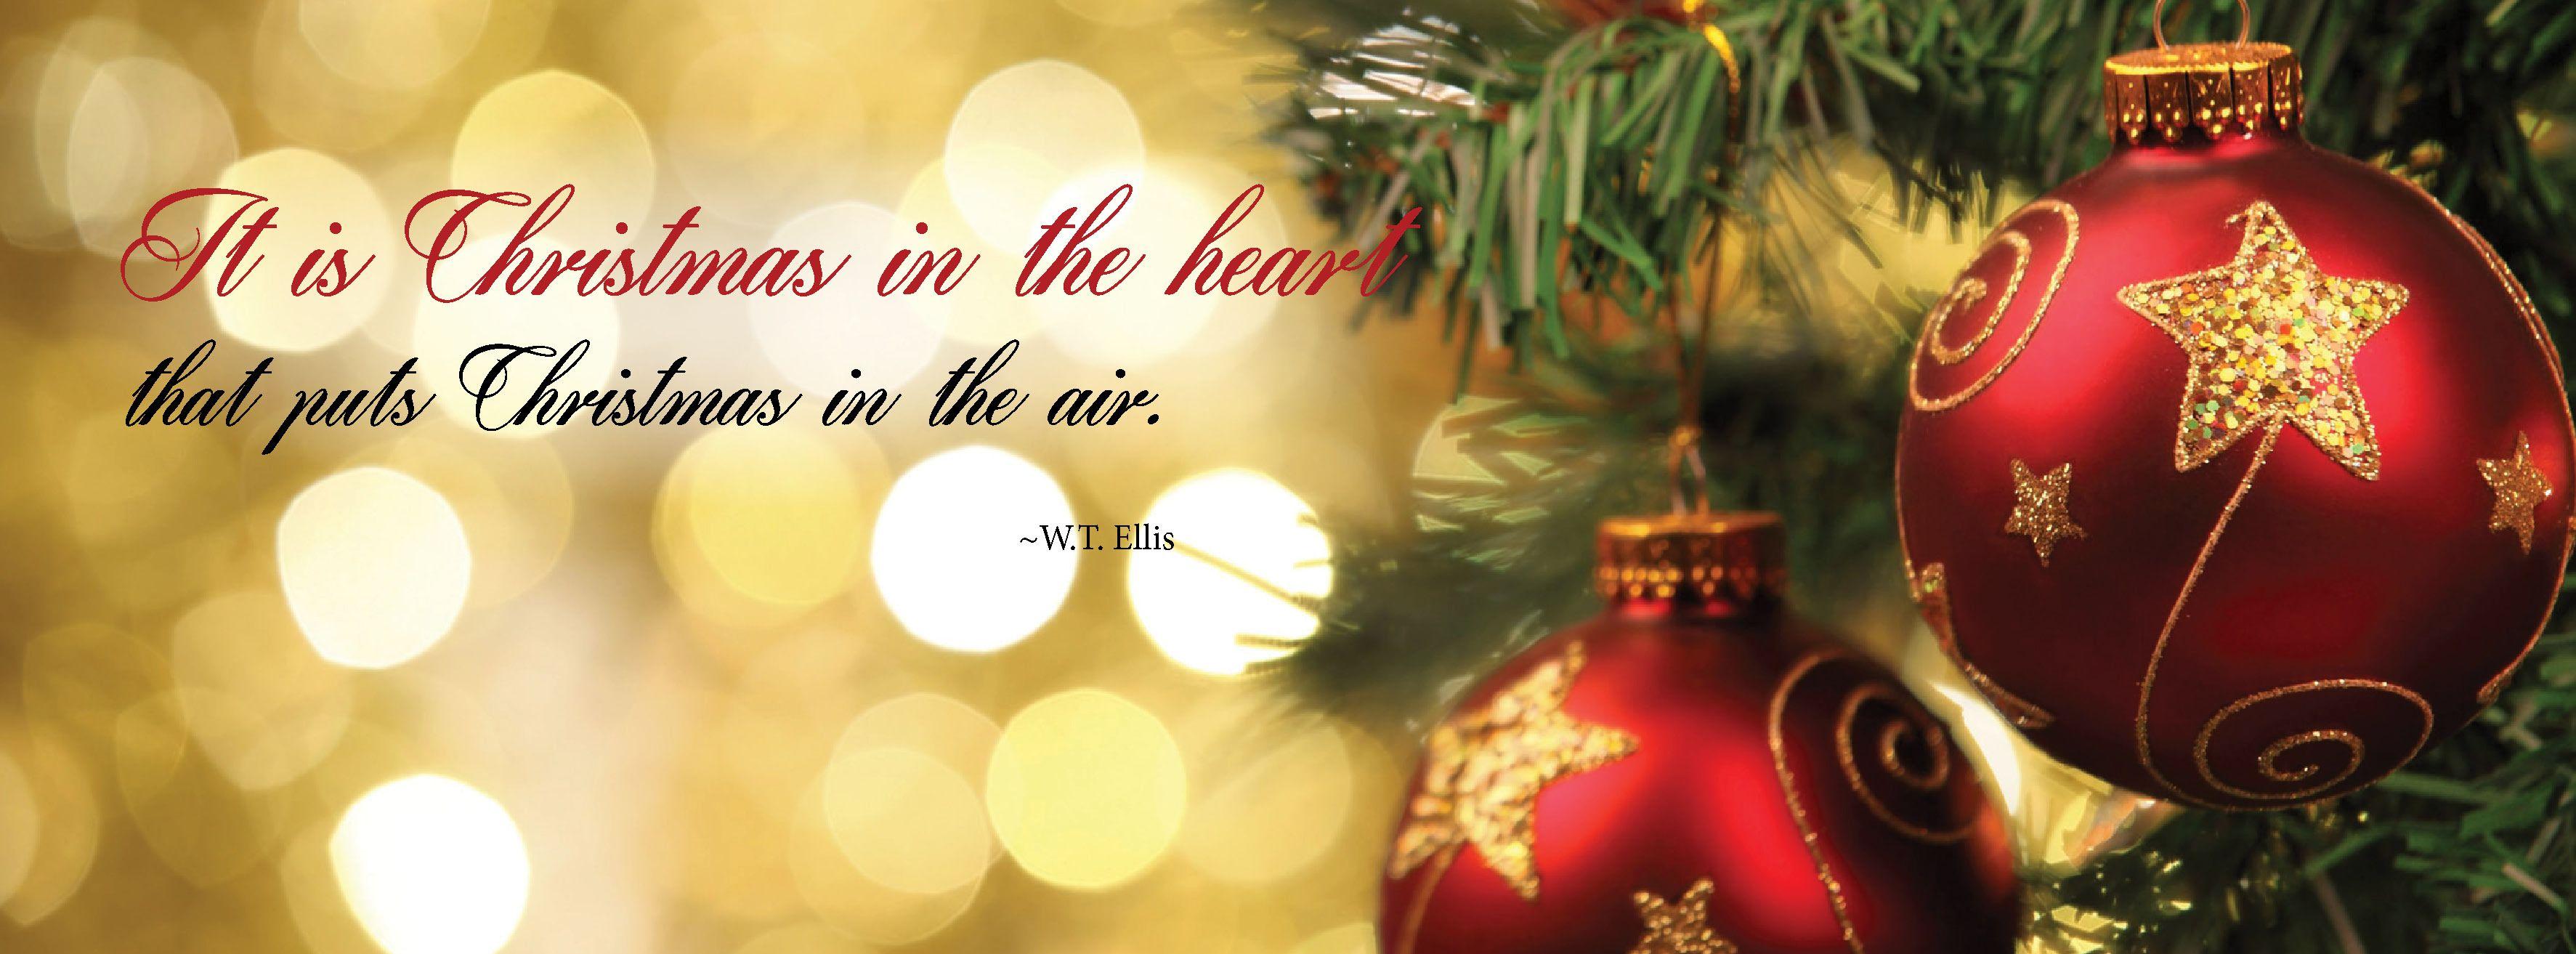 Merry Christmas Headings Cacdfedacd